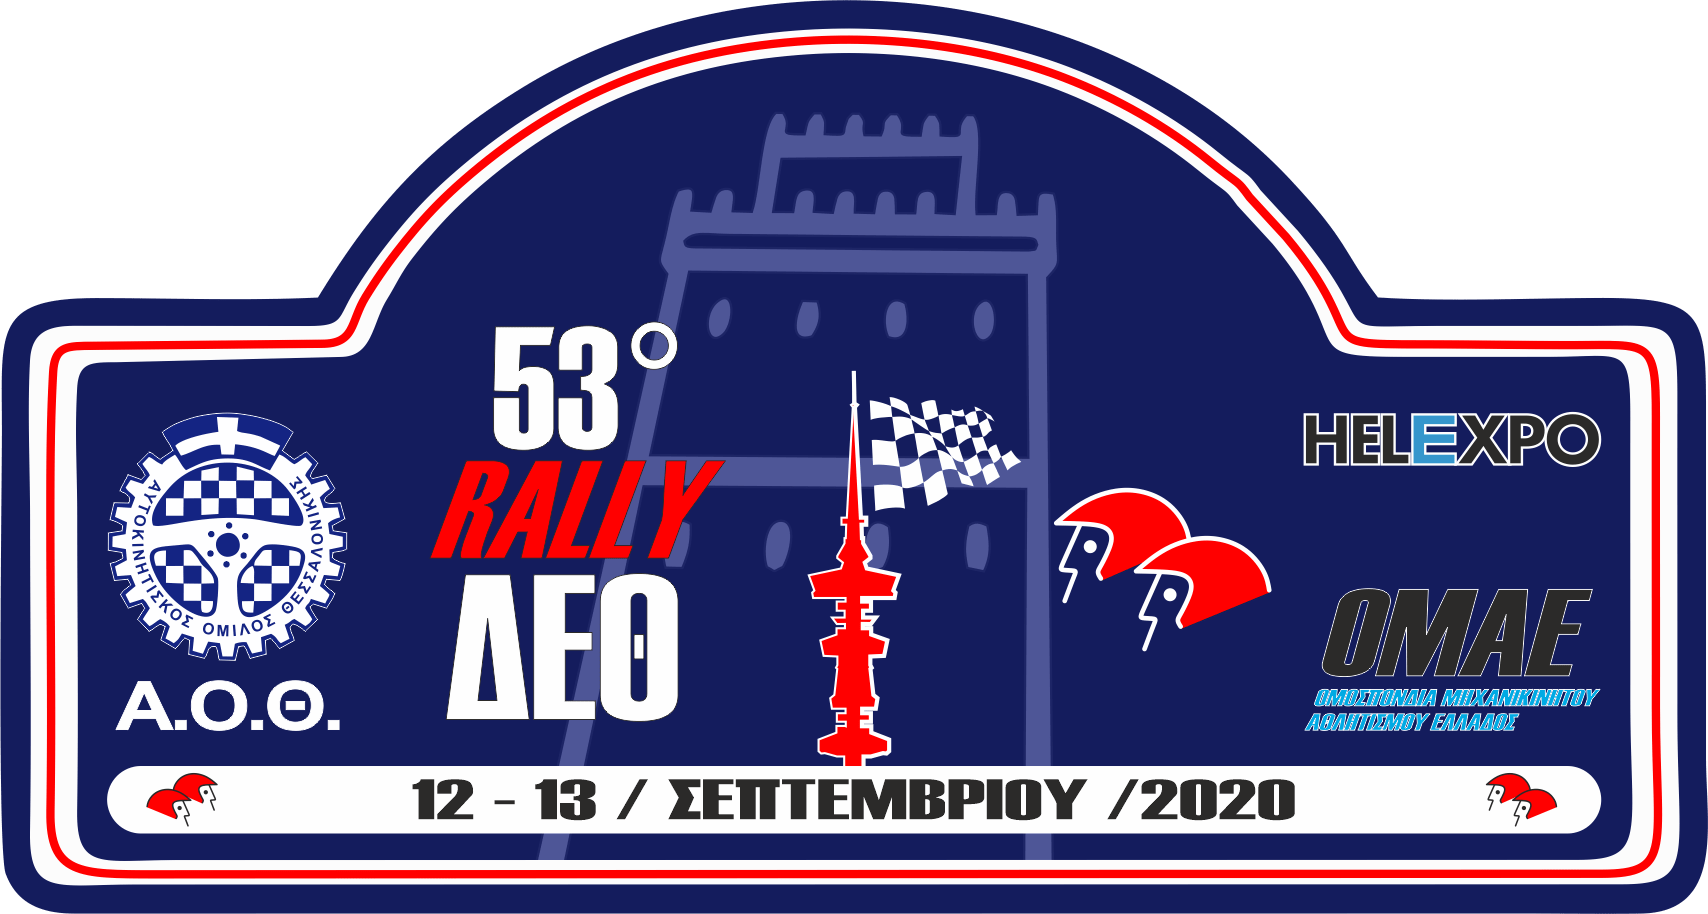 Στις 12-13 Σεπτεμβρίου το 53ο Ράλι Δ.Ε.Θ.